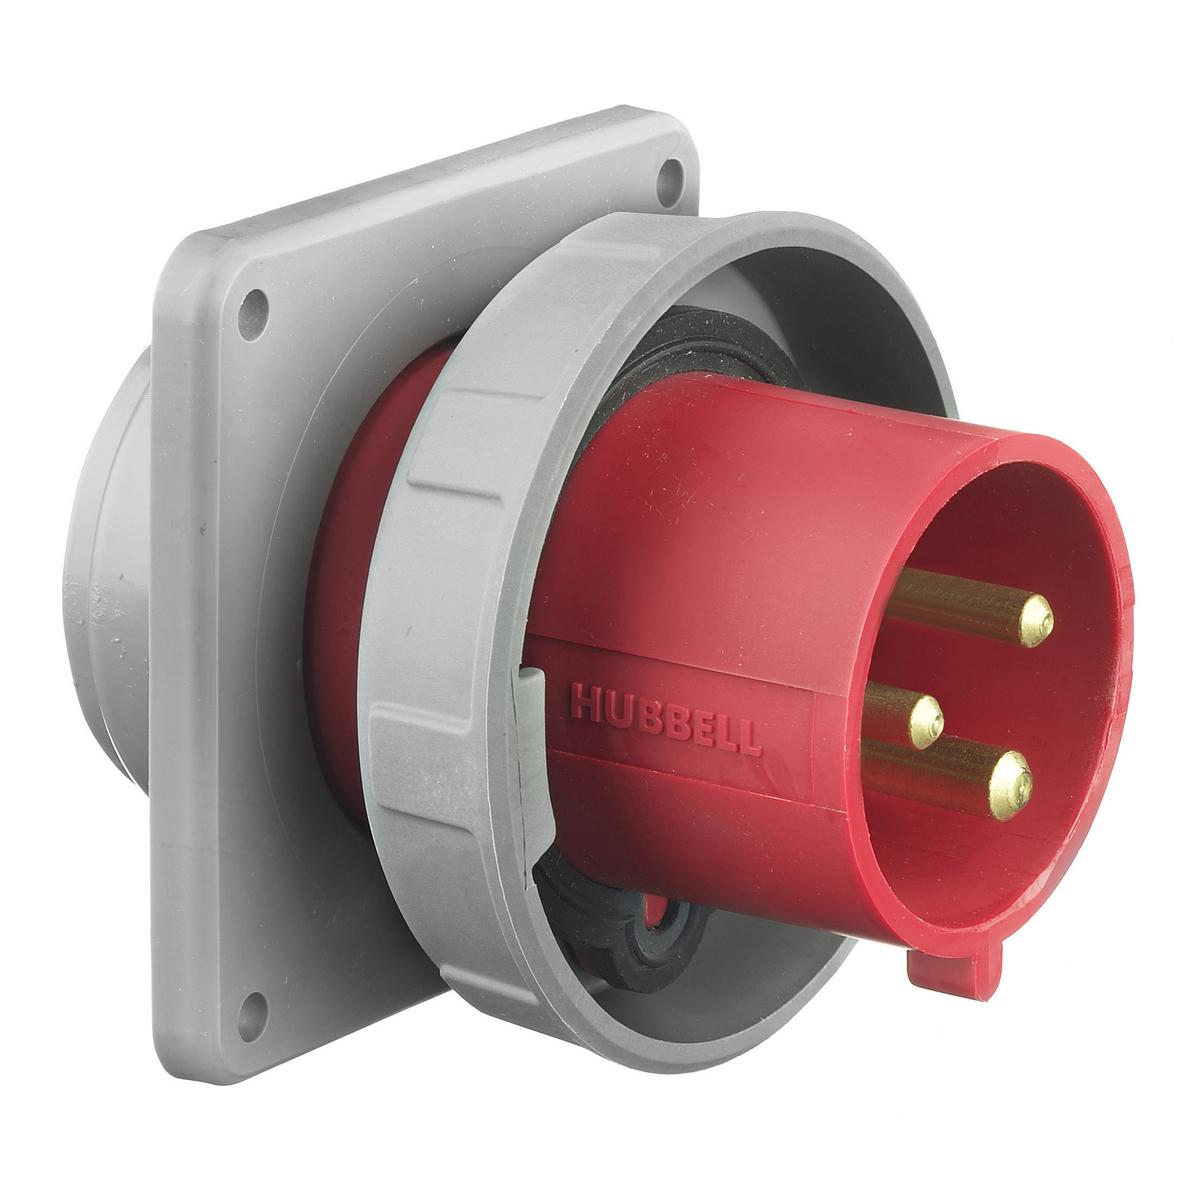 Hubbell HBL330B7W PS, IEC, B, 2P3W, 30A 480V, IP67